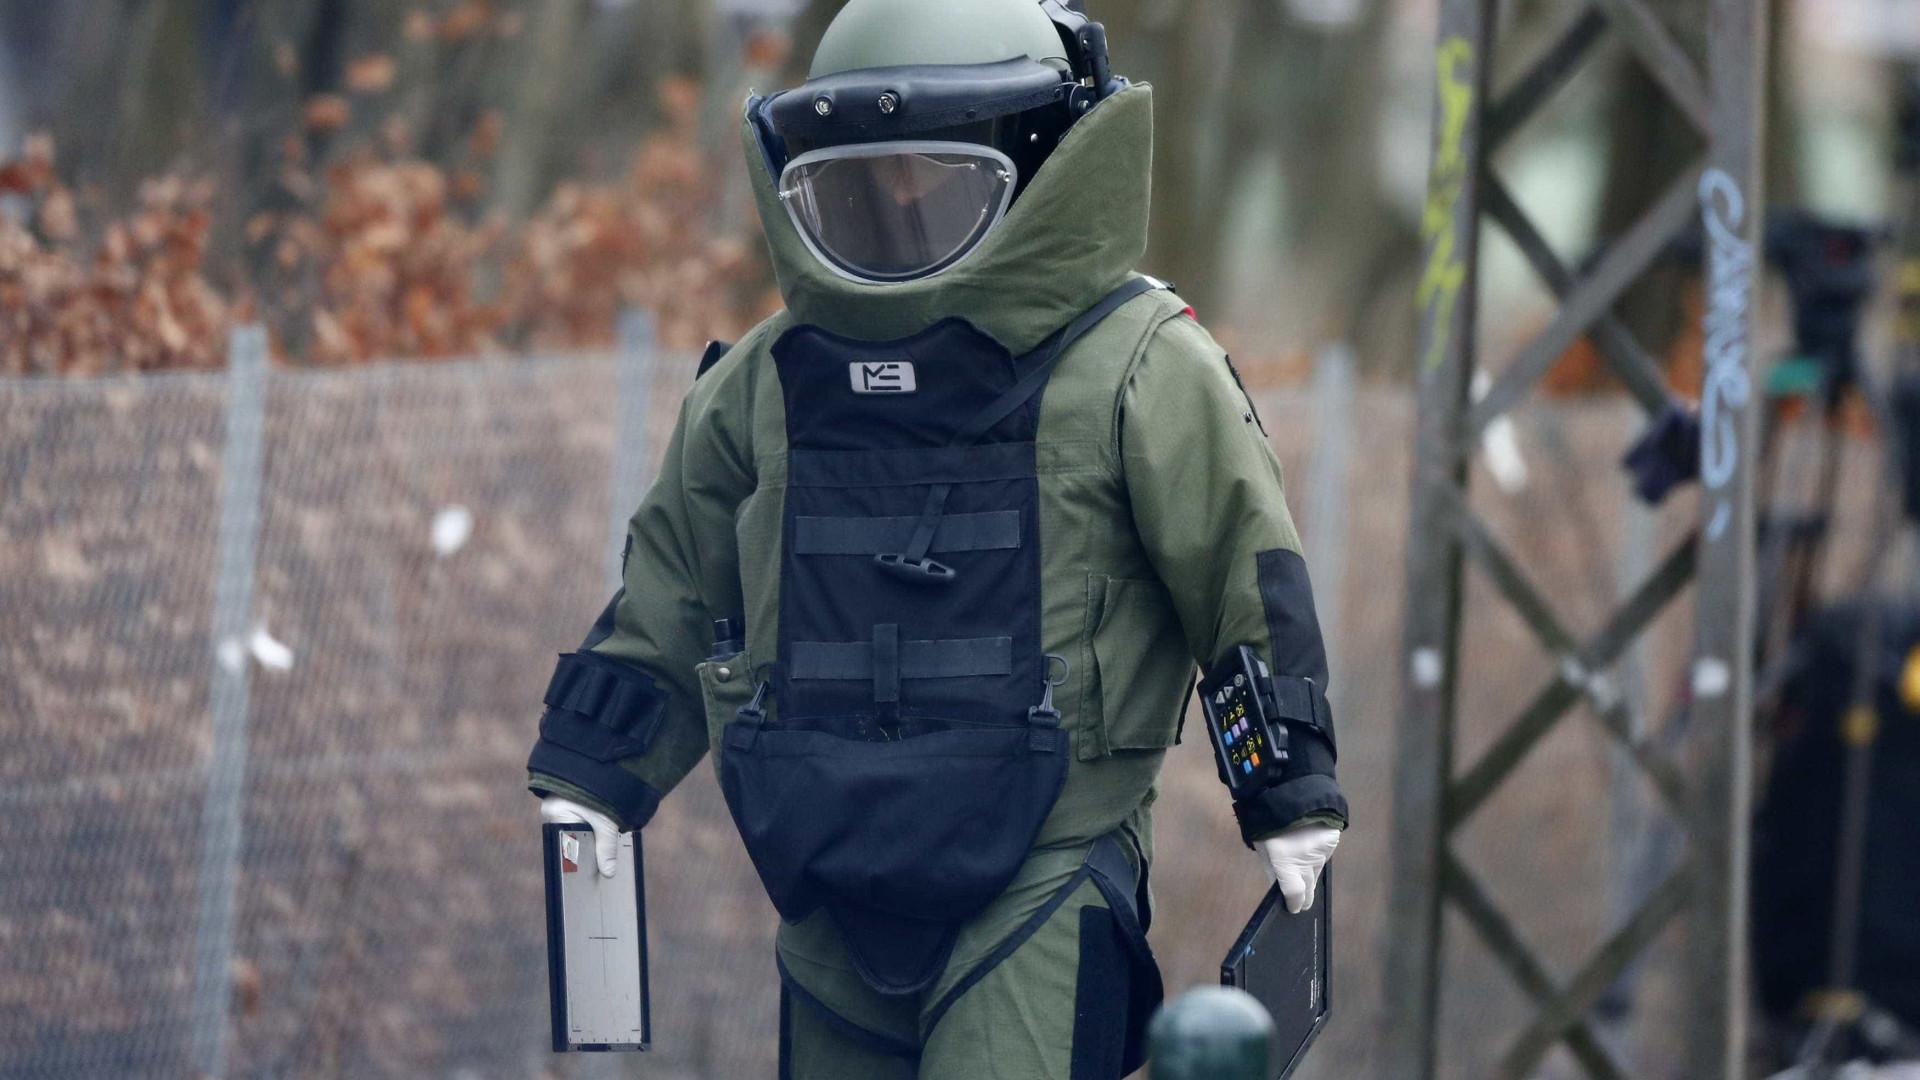 Equipa de desativação de bombas em embaixada dos EUA. Foi só um susto